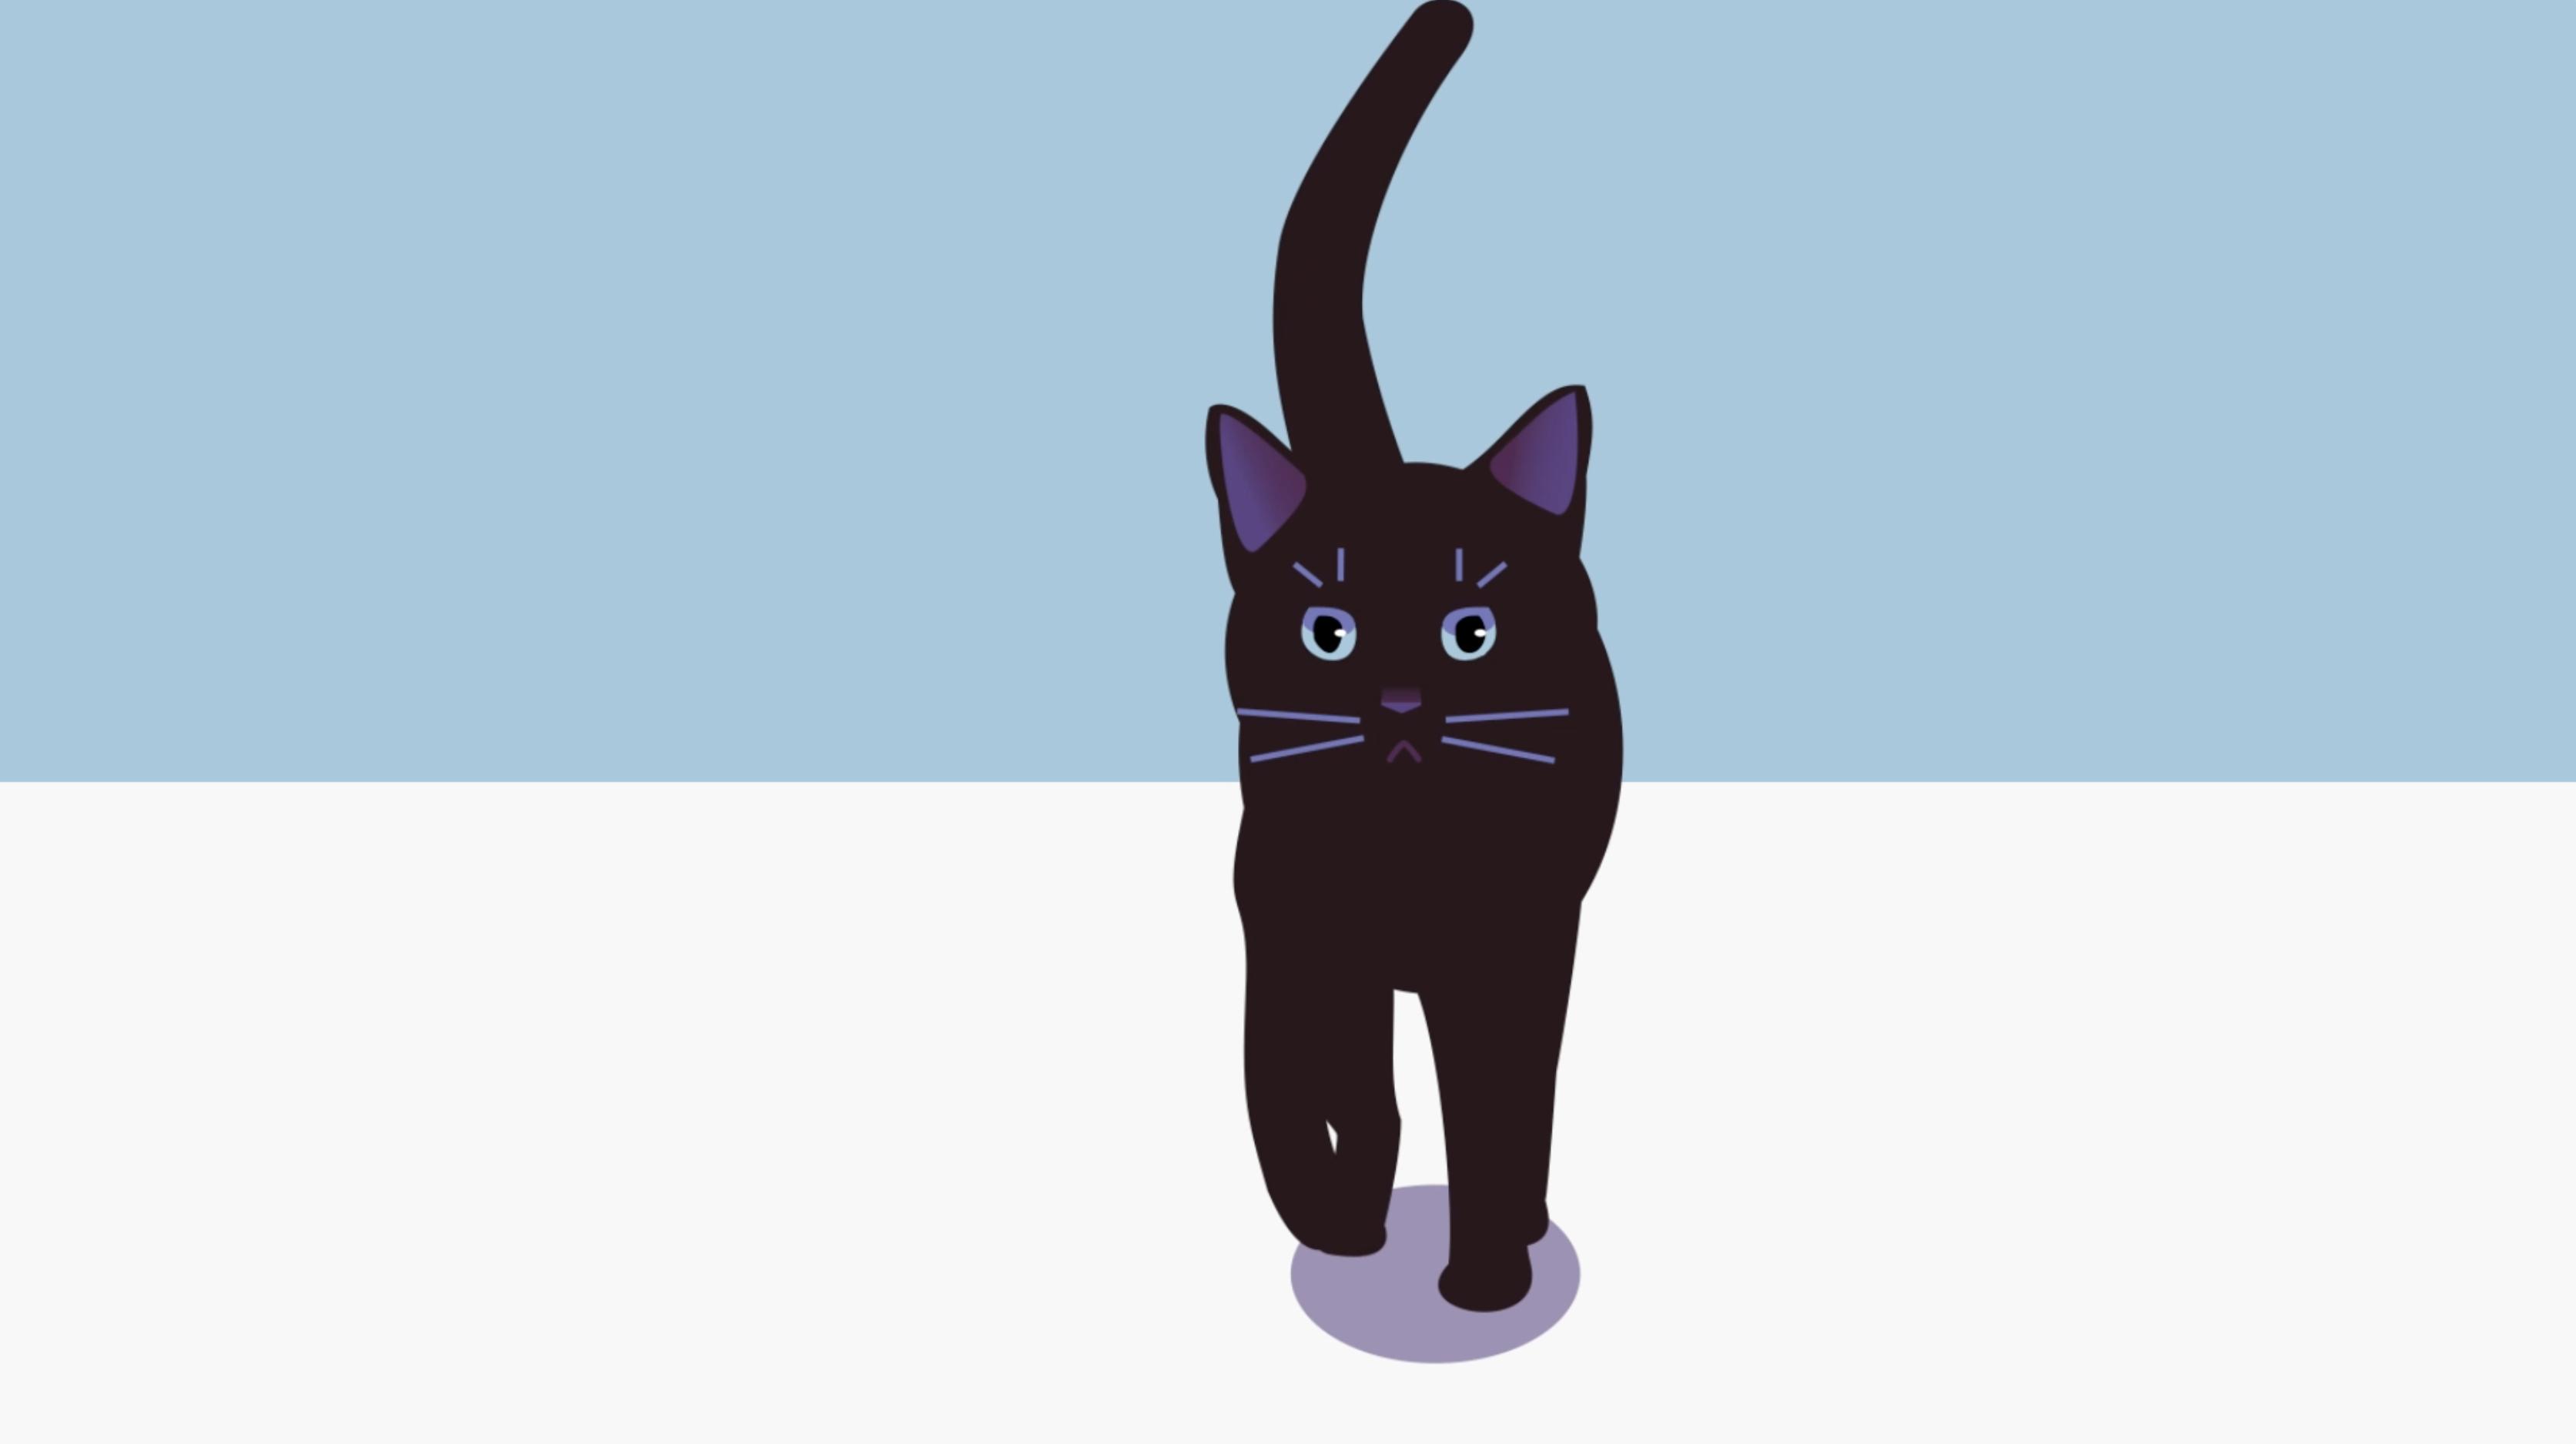 Still frame of a dark cat walking towards the camera